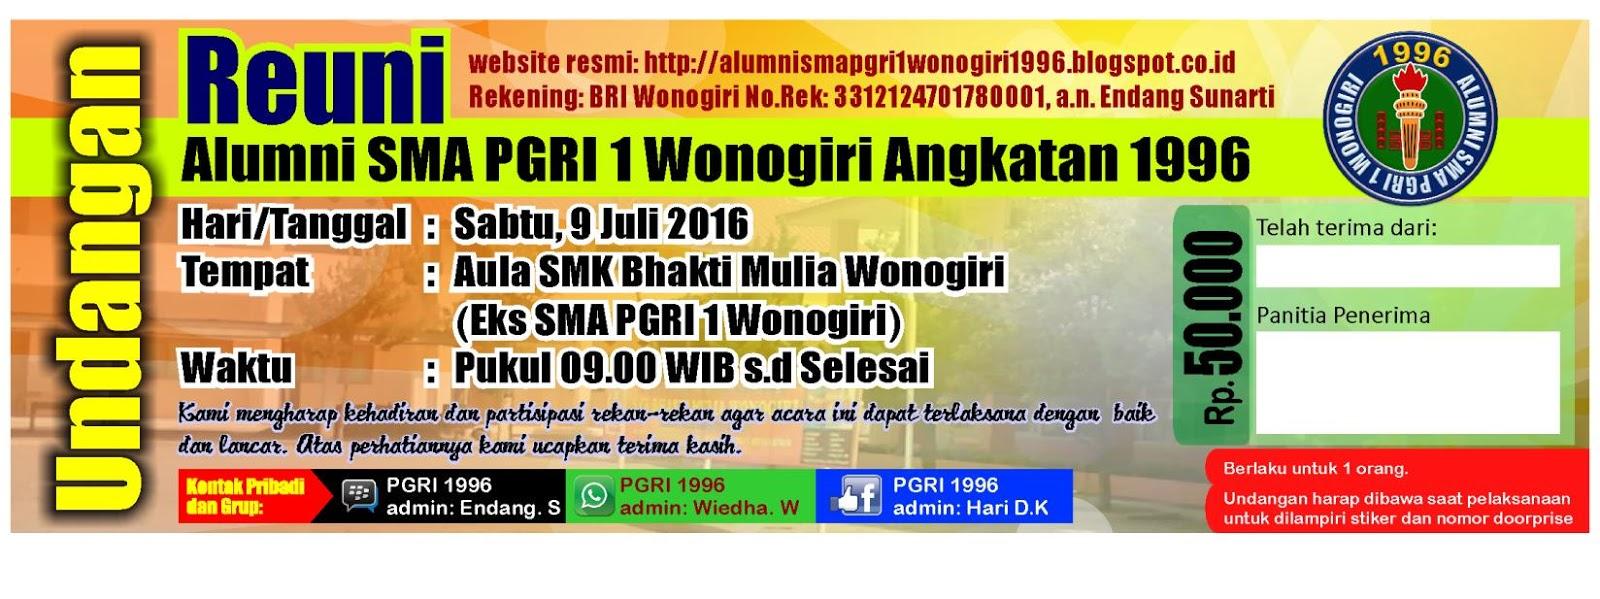 Paguyuban Alumni Sma Pgri 1 Wonogiri Angkatan 1996 Undangan Dan